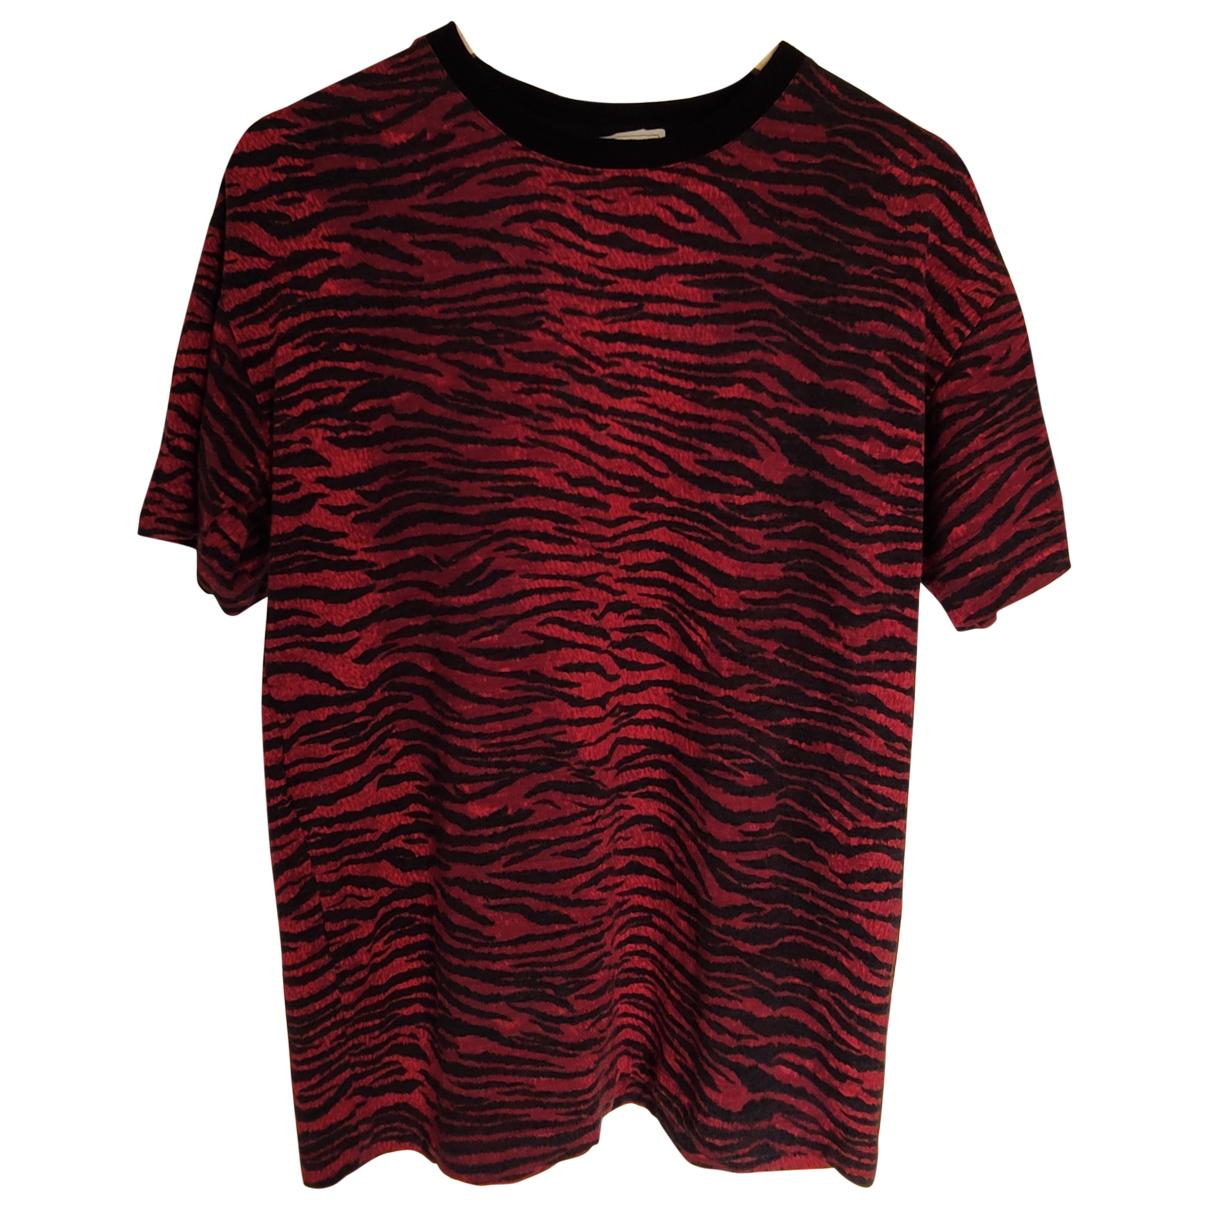 Kenzo X H&m - Tee shirts   pour homme en autre - rouge